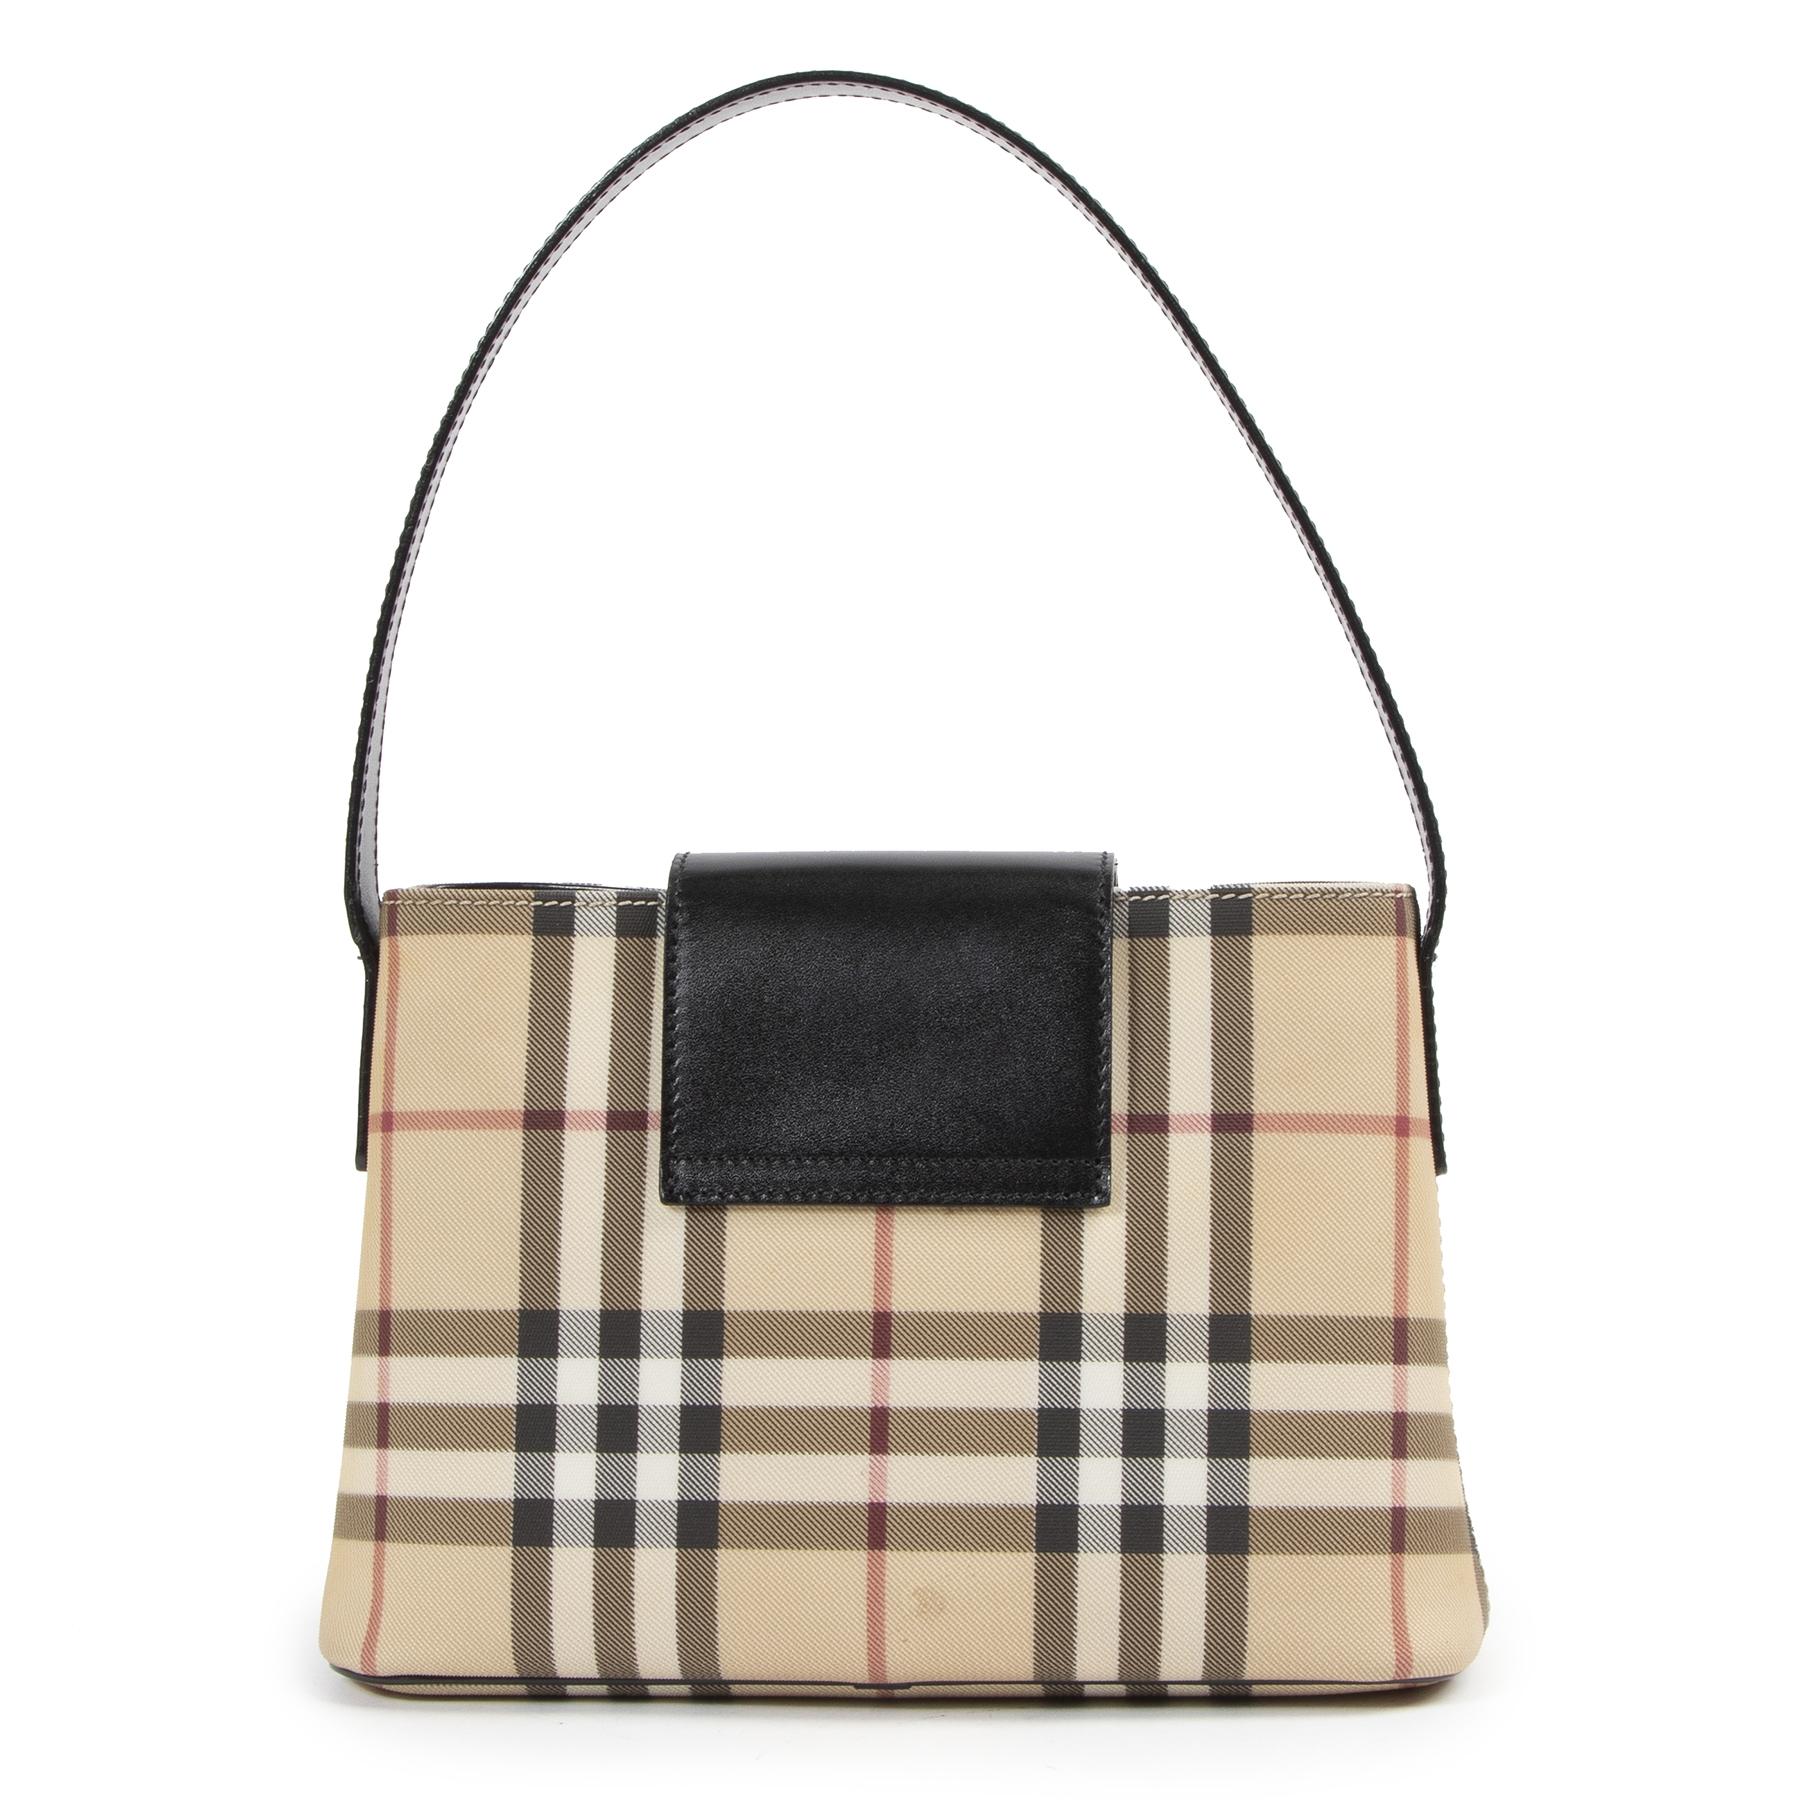 Authentieke Tweedehands Burberry Check Shoulder Bag juiste prijs veilig online shoppen luxe merken webshop winkelen Antwerpen België mode fashion